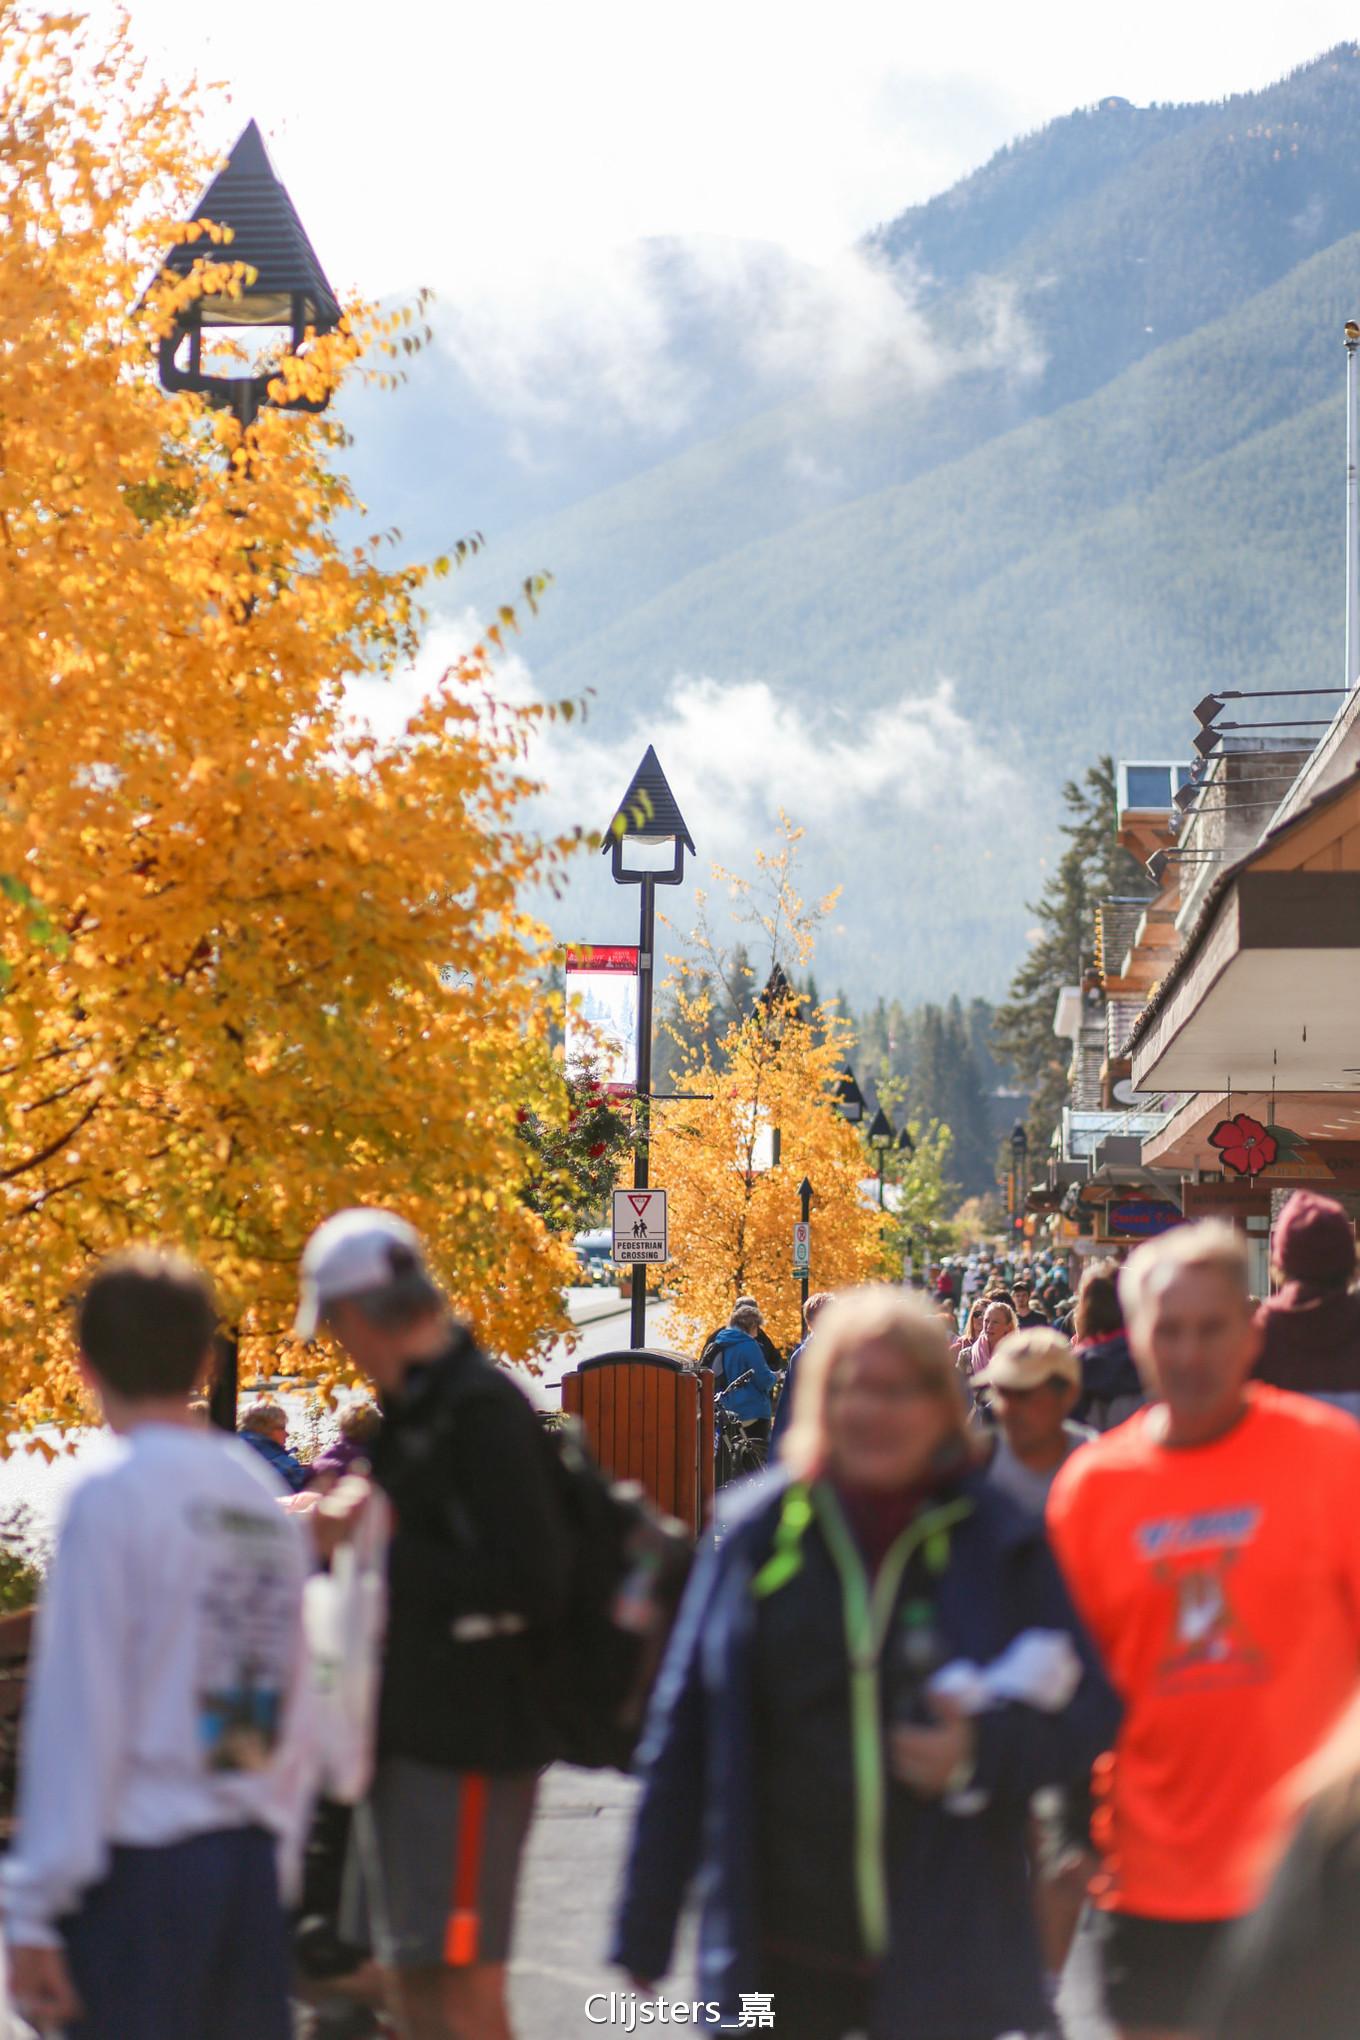 加拿大班夫 雪山下的枫叶小镇